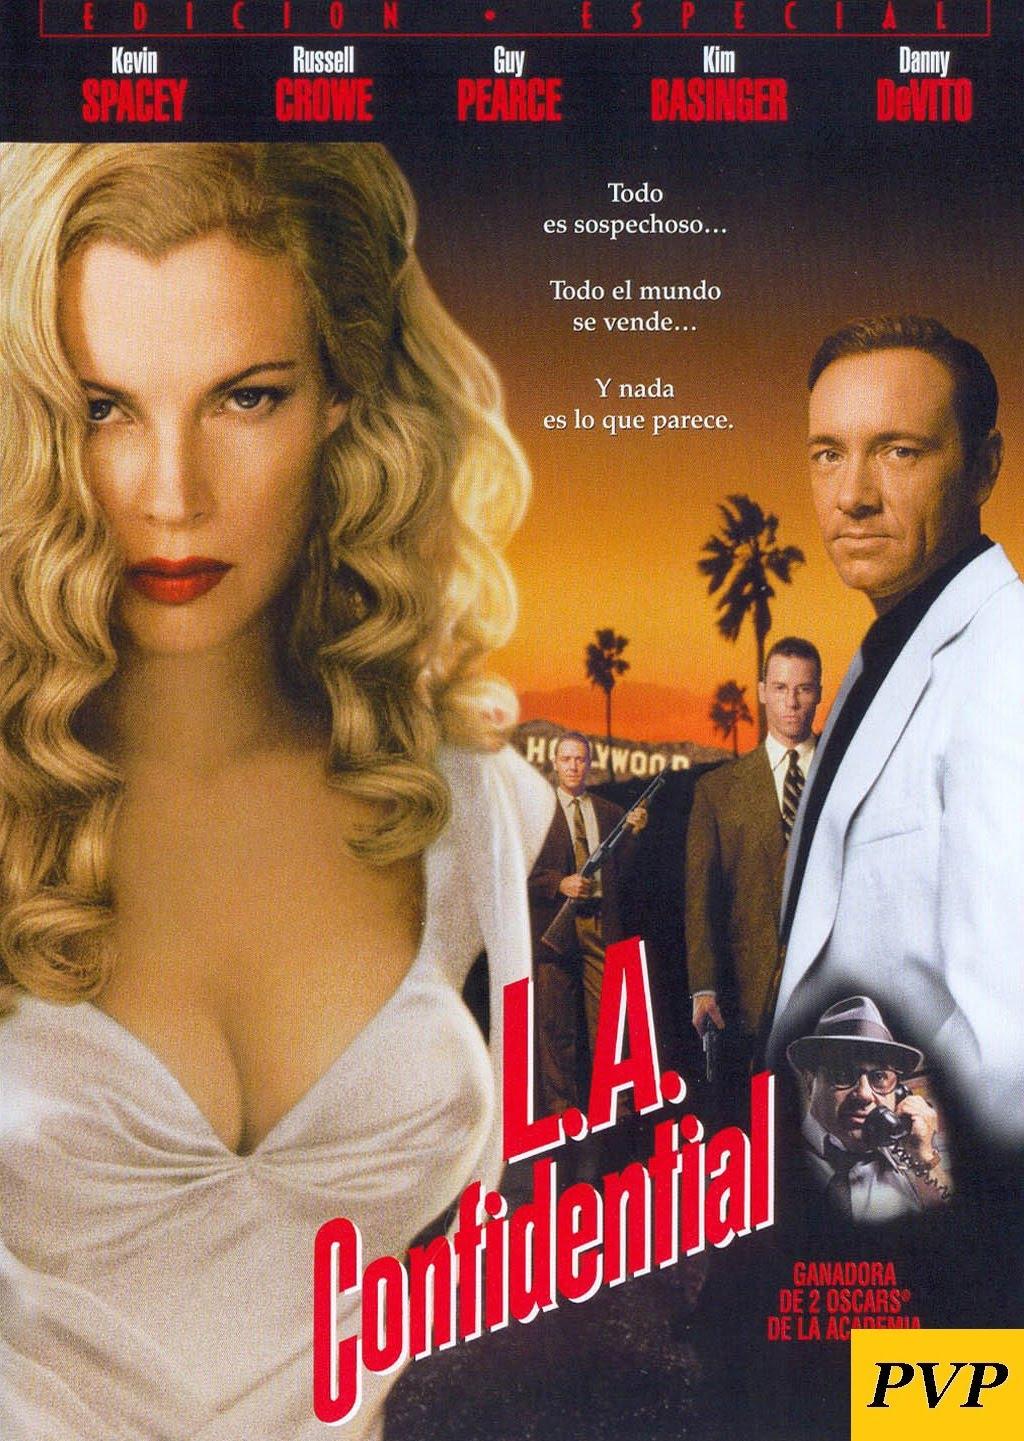 http://2.bp.blogspot.com/_0ScBfzhd814/TRpyiskD4jI/AAAAAAAAAhs/Y9m_zNcI57w/s1600/LA_Confidential.jpg